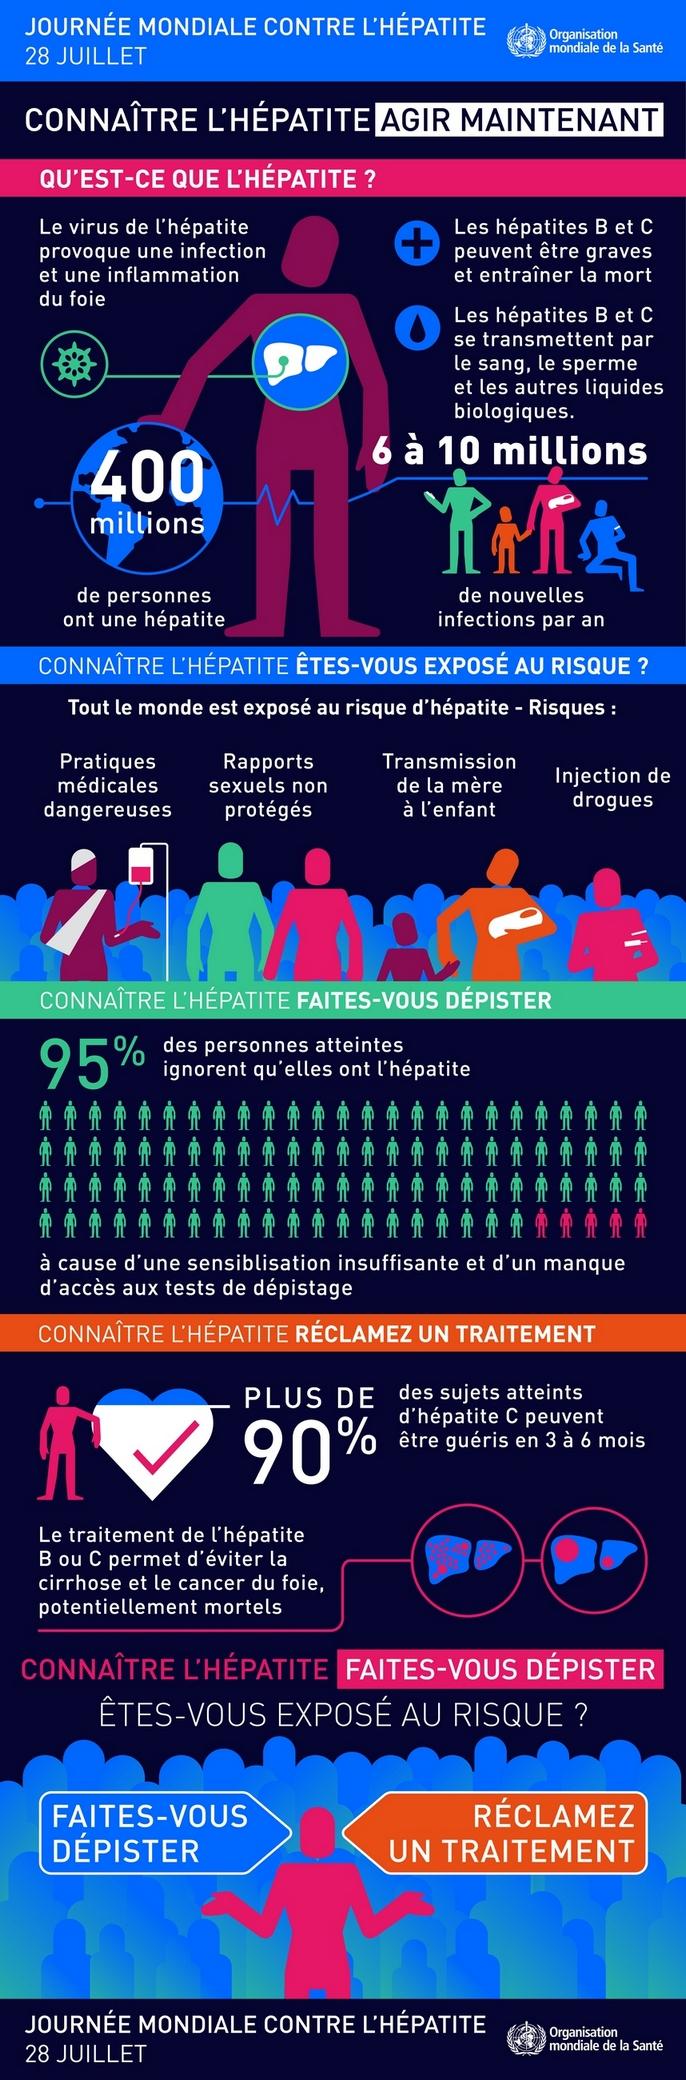 Journée mondiale contre l'hépatite, le 28 juillet 2016